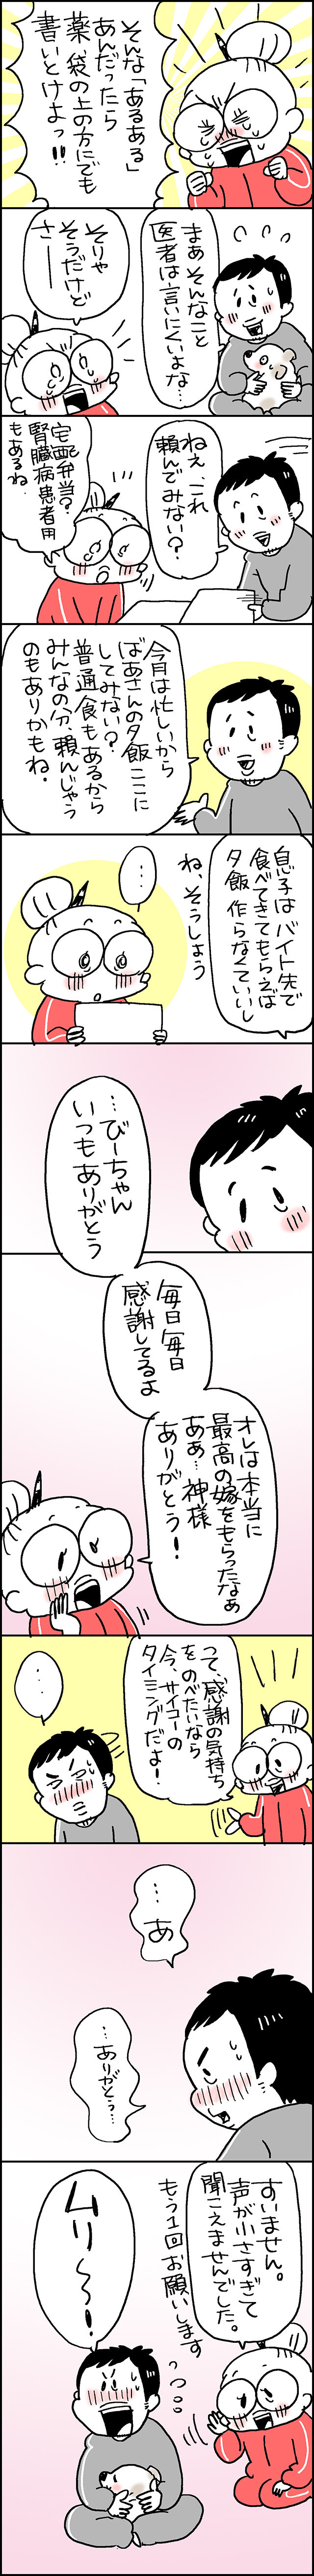 食事制限7a.jpg